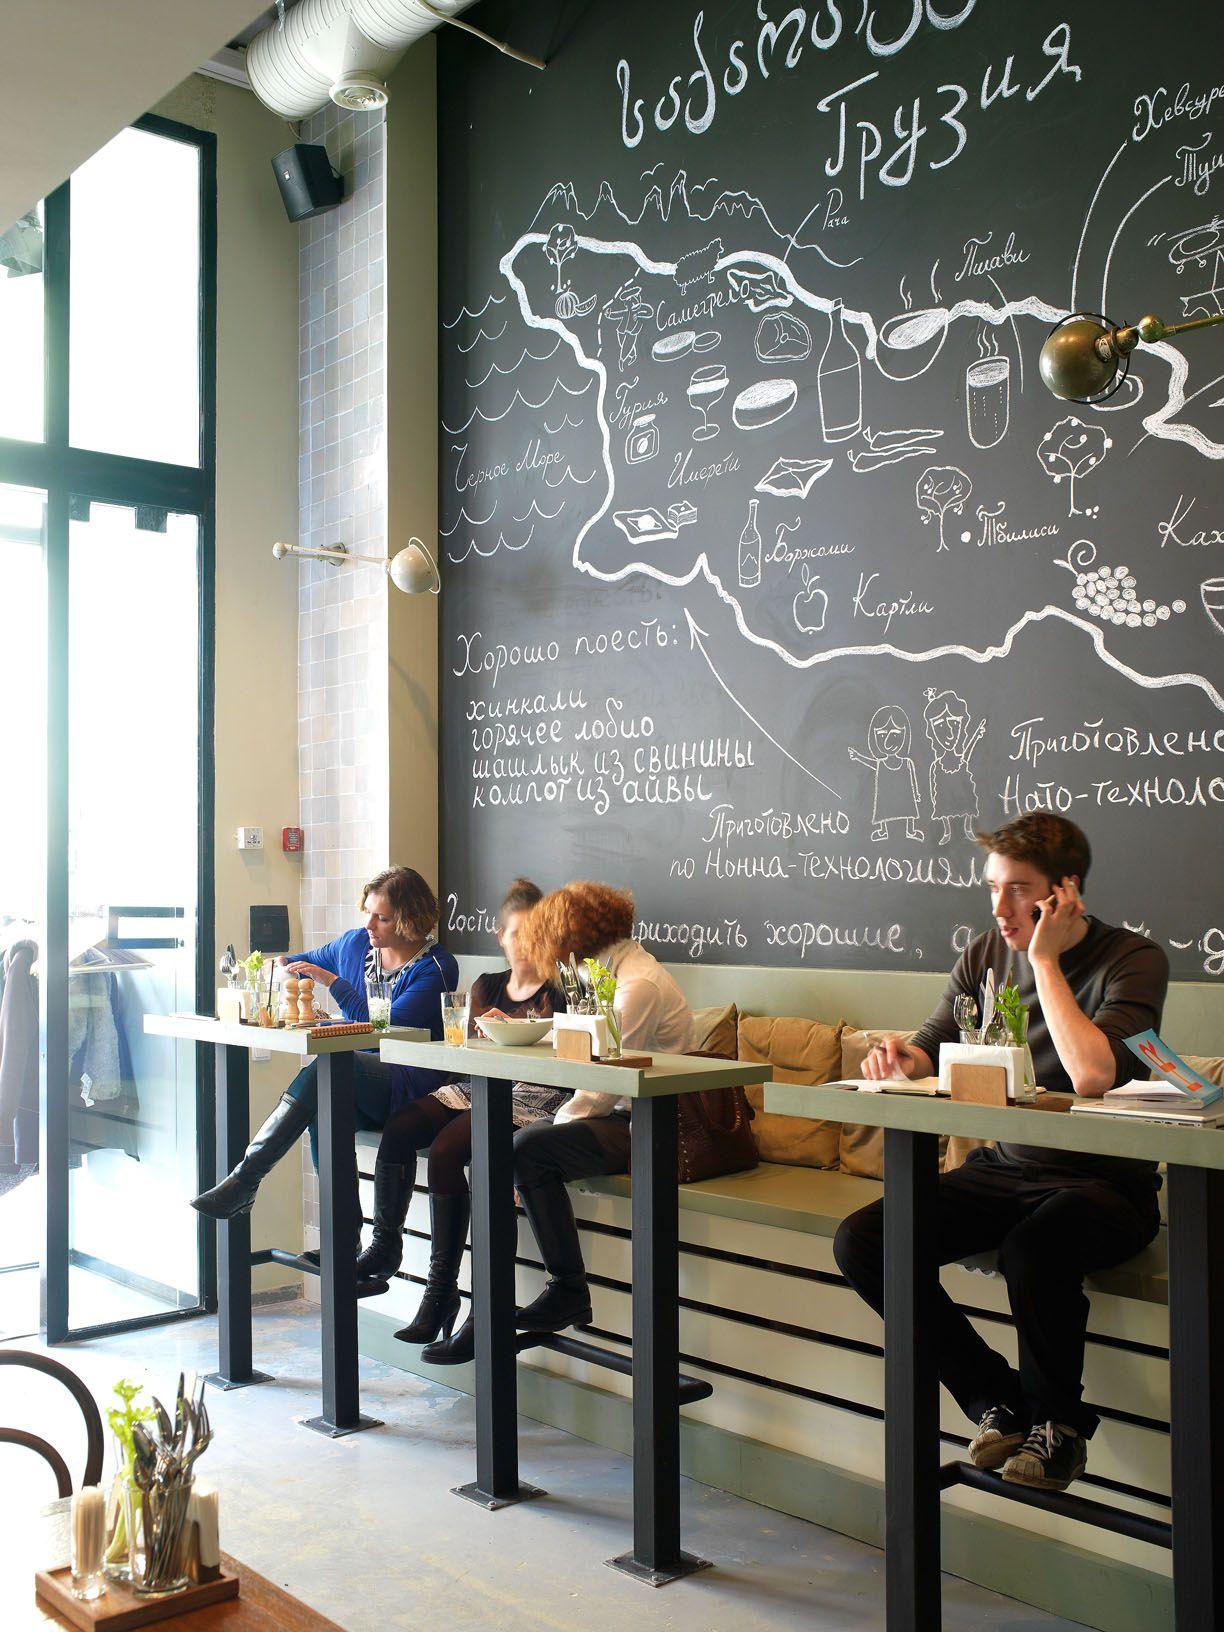 tische und bank an der wand | • Cafe Time • | Pinterest | Bänke ...